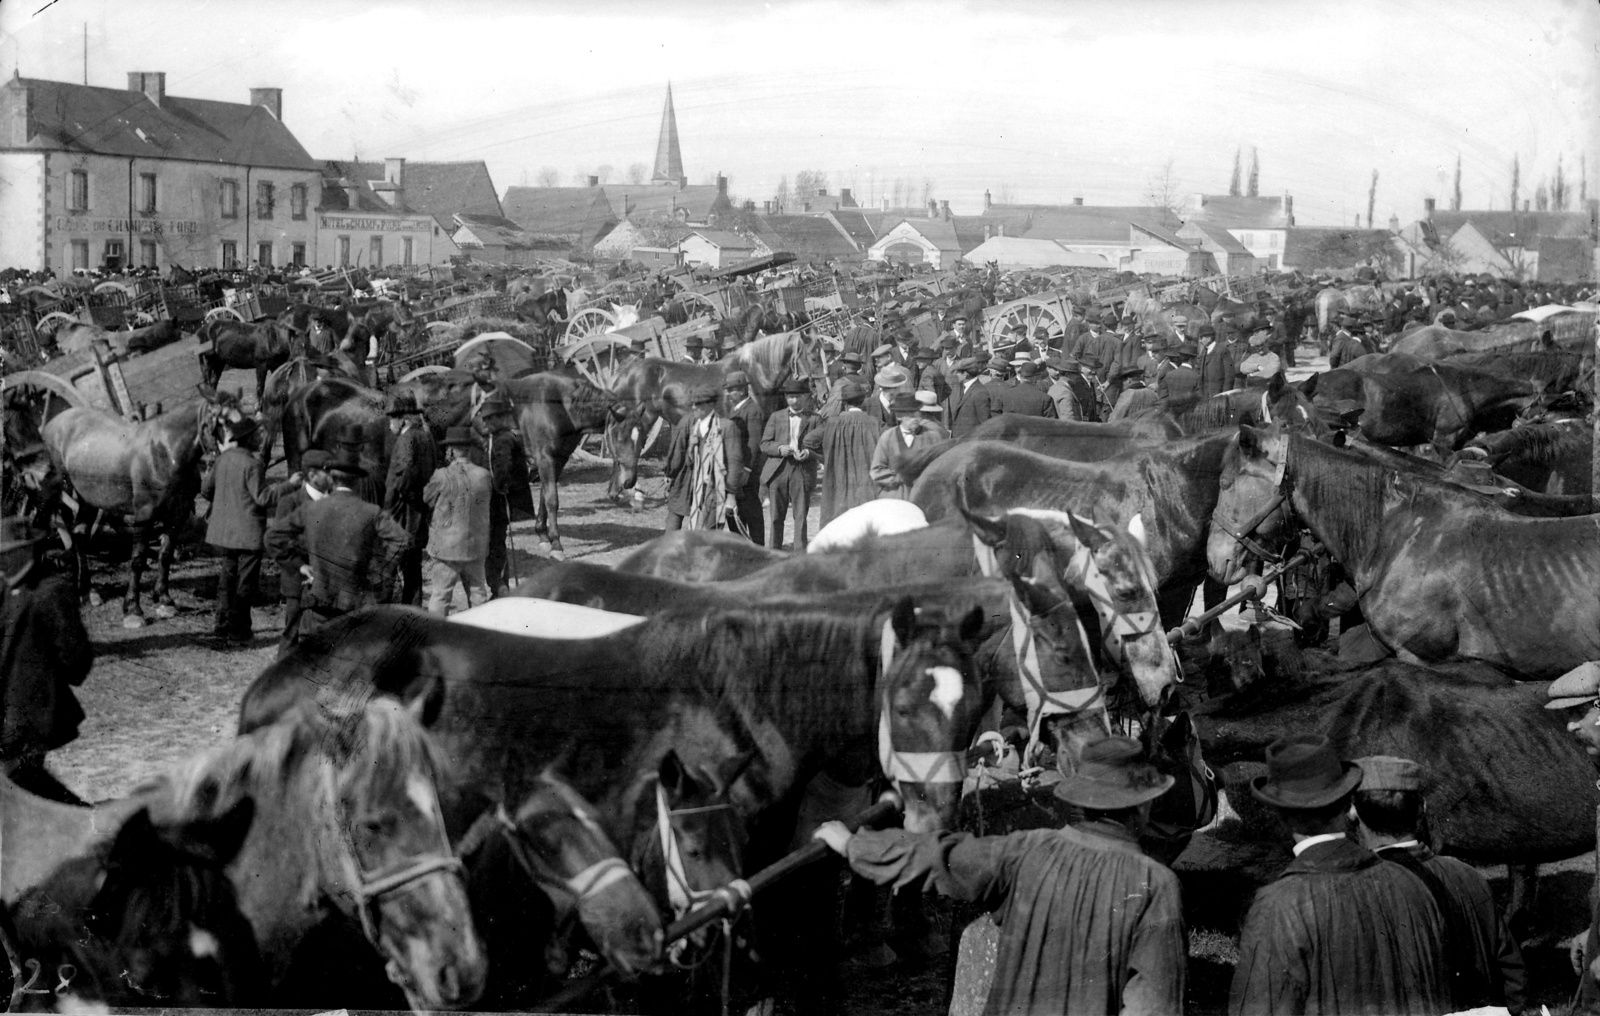 Ambiance de foire vers 1905-1910 à Baugy, modeste chef-lieu de canton du Cher. Il s'y déroule 7 fois par an. Celles de la Saint Marc (25 avril) et de la Saint Clément (23 novembre) comptent parmi les plus grandes de France. La première est réputée pour les chevaux de gros trait et de trait léger de 3 à 8 ans dont le premier choix part vers Paris. La seconde est consacrée aux poulains.